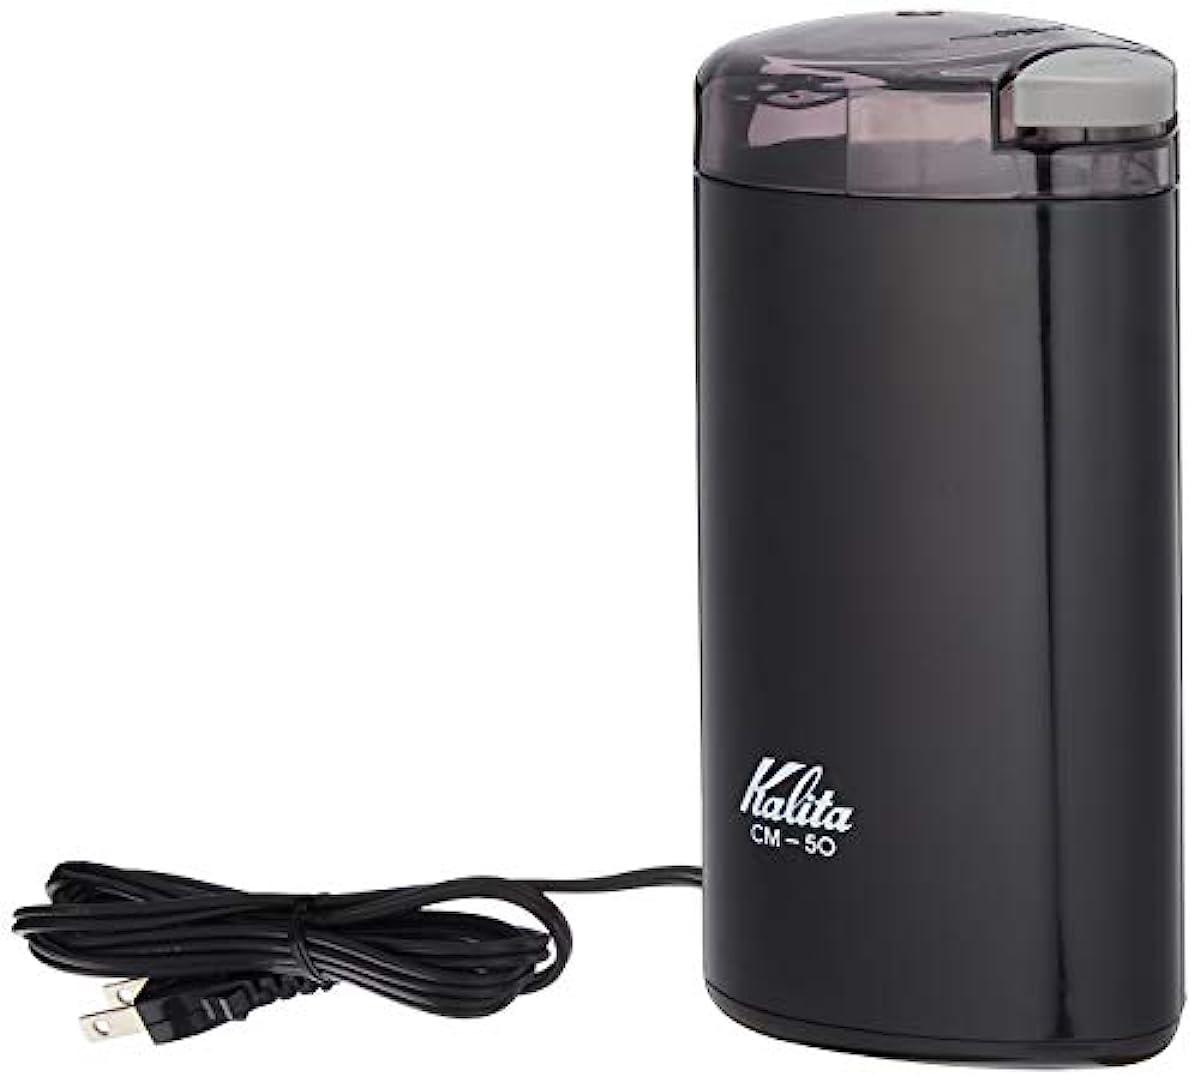 [해외] KALITA 전동 커피 밀 CM-50 (블랙)